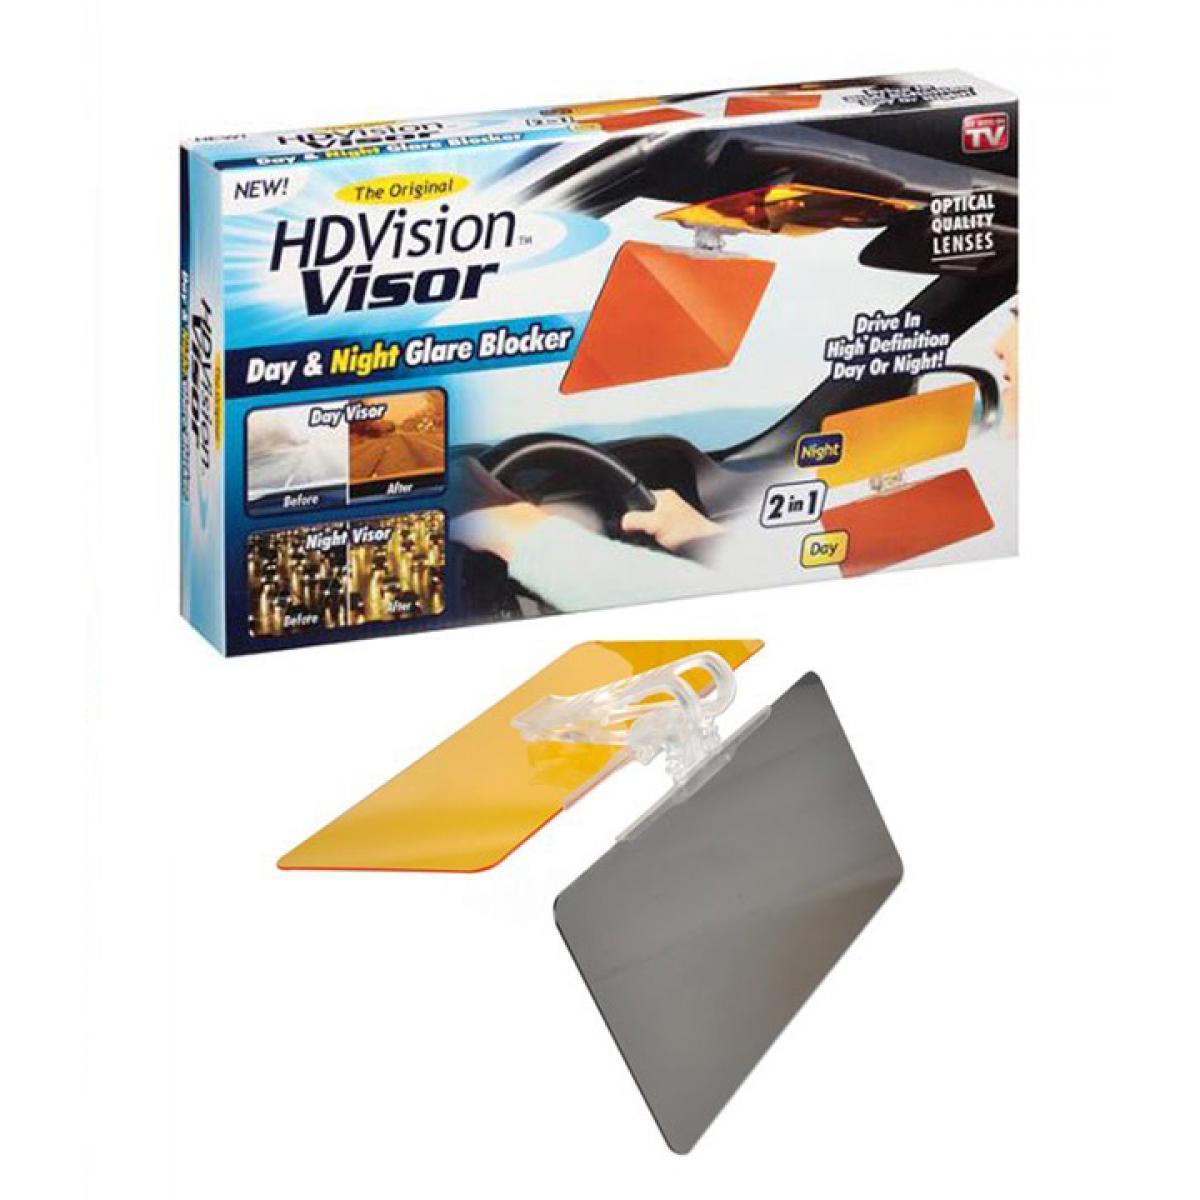 Солнцезащитный антибликовый козырек для дня и ночи HD Vision Visor